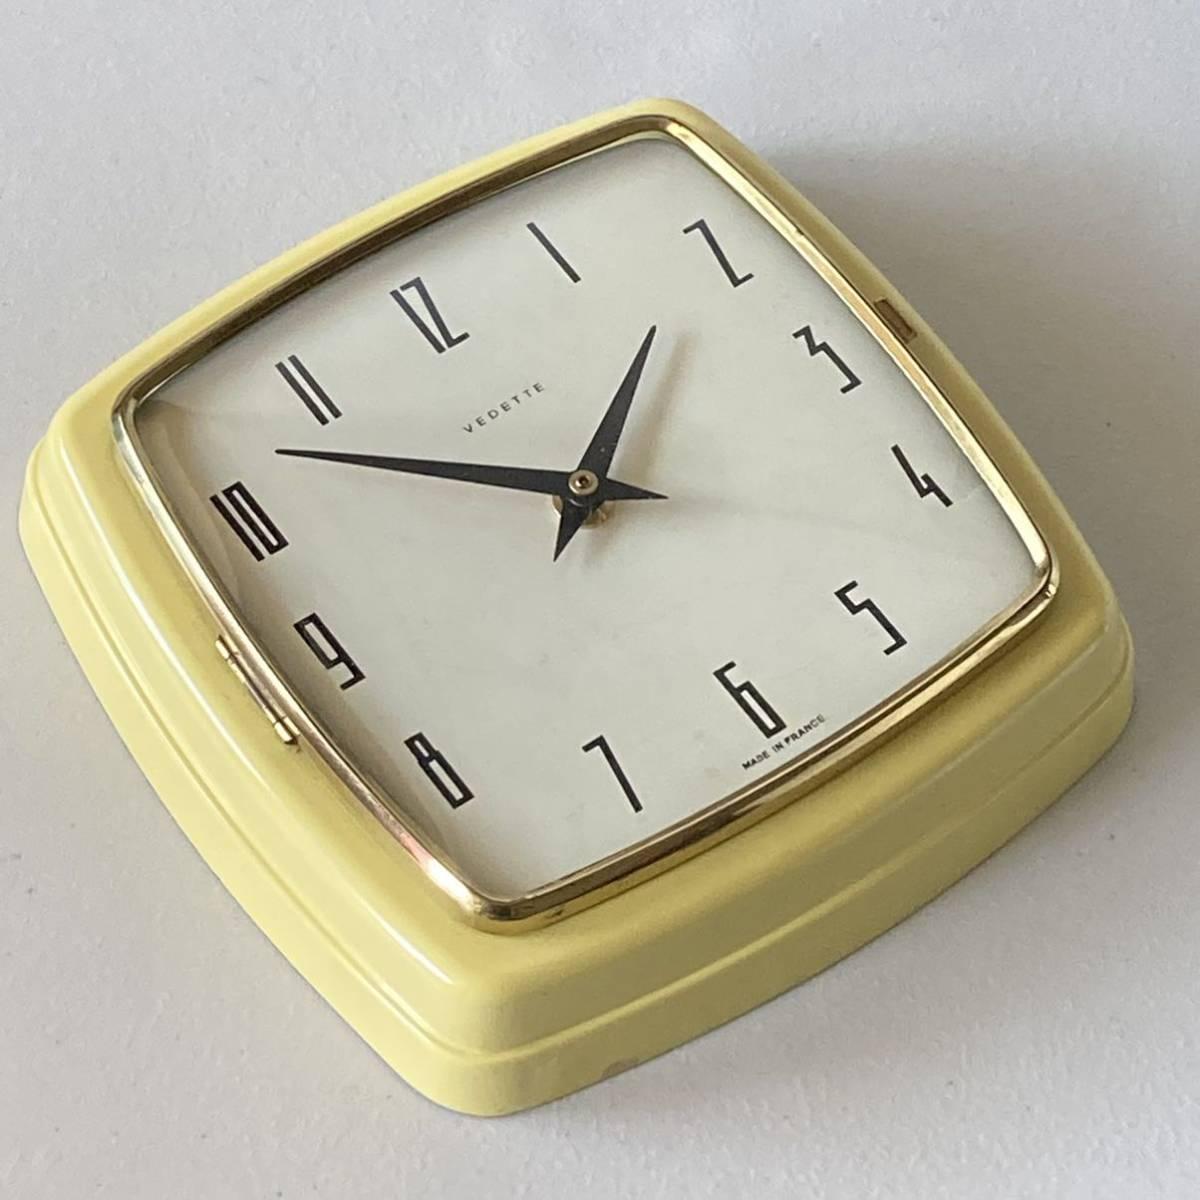 フランス ヴィンテージ ウォールクロック ミッドセンチュリー インテリア ディスプレイ 店舗什器 掛け時計 デザイン_画像3